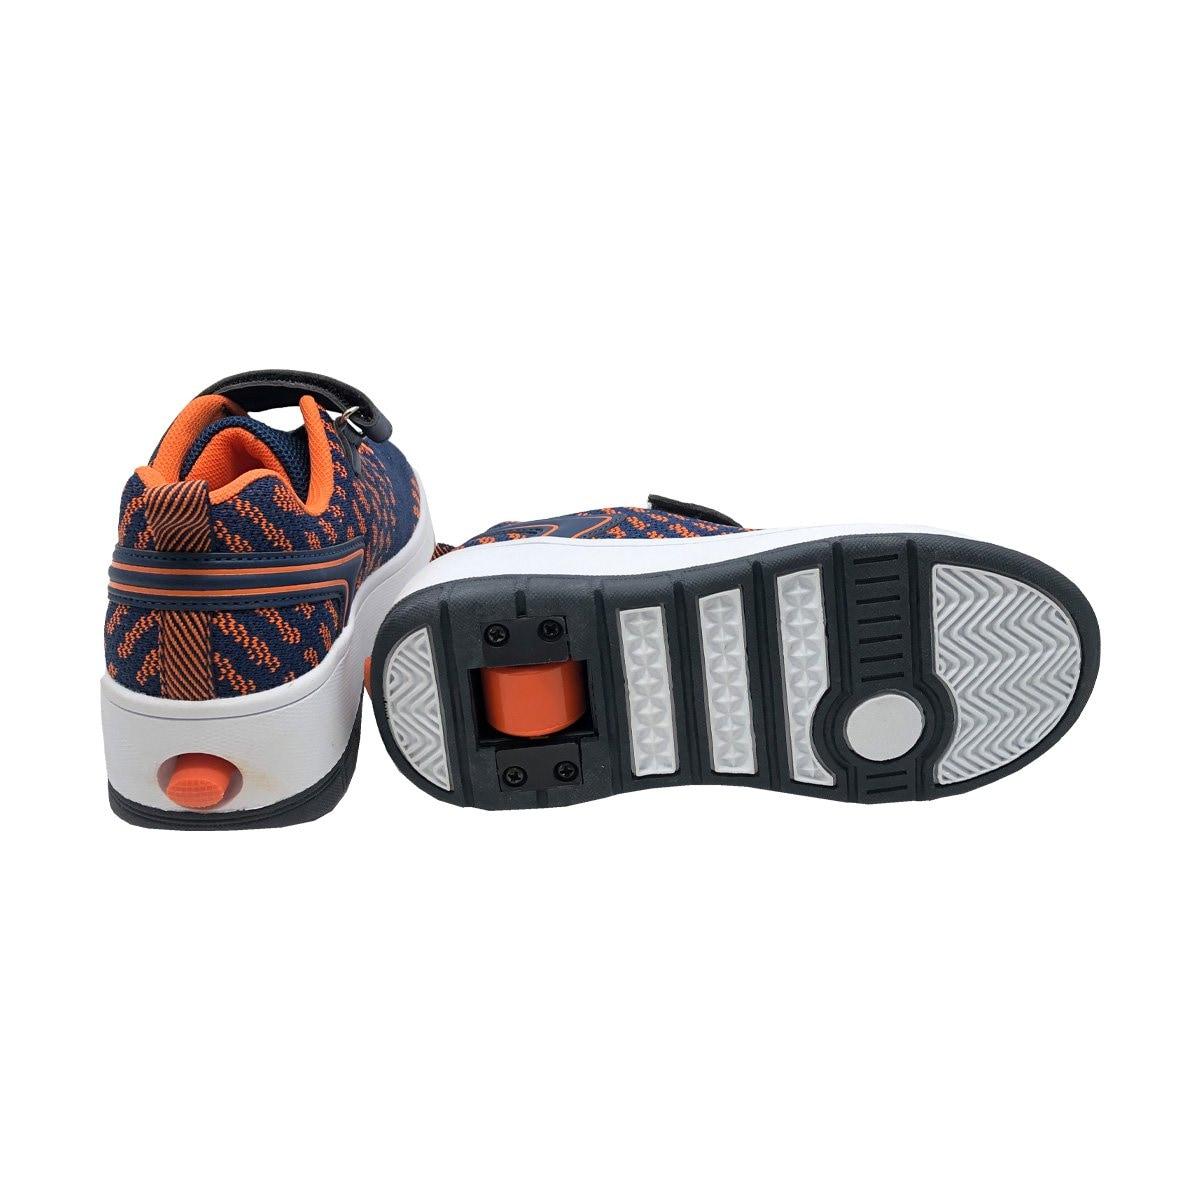 Zapato Patín Distroller Flying Wheel